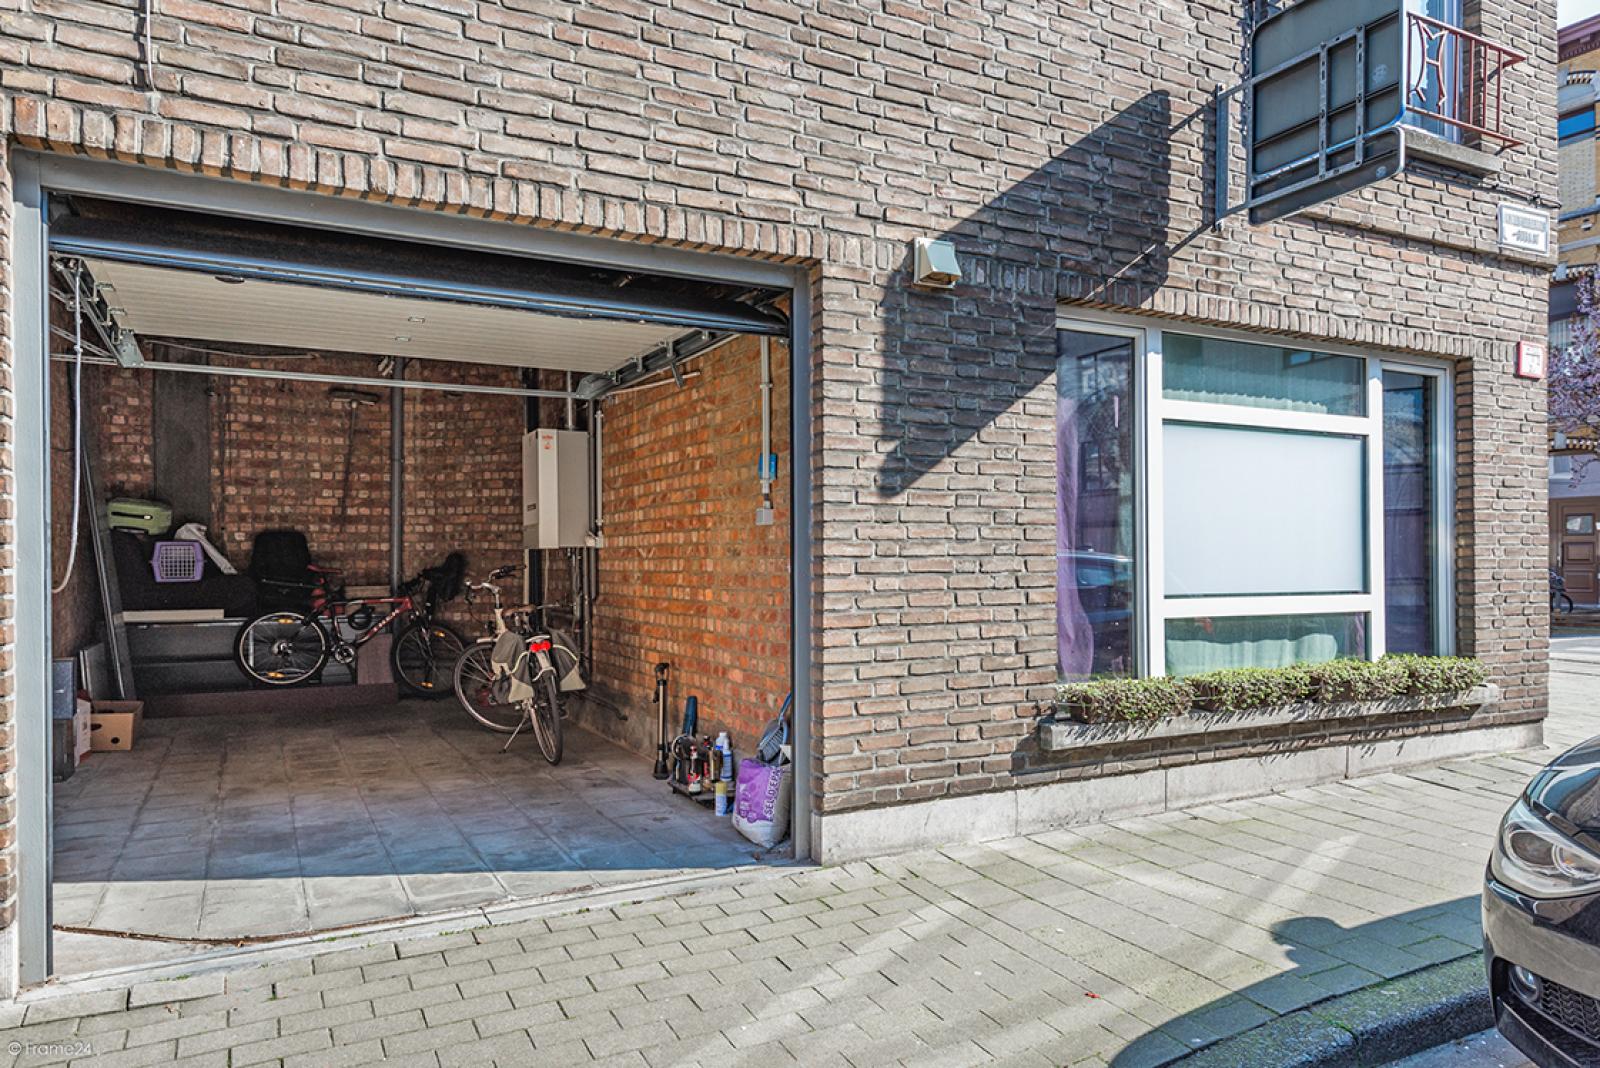 Gelijkvloersappartement met stadstuin in Borgerhout afbeelding 11